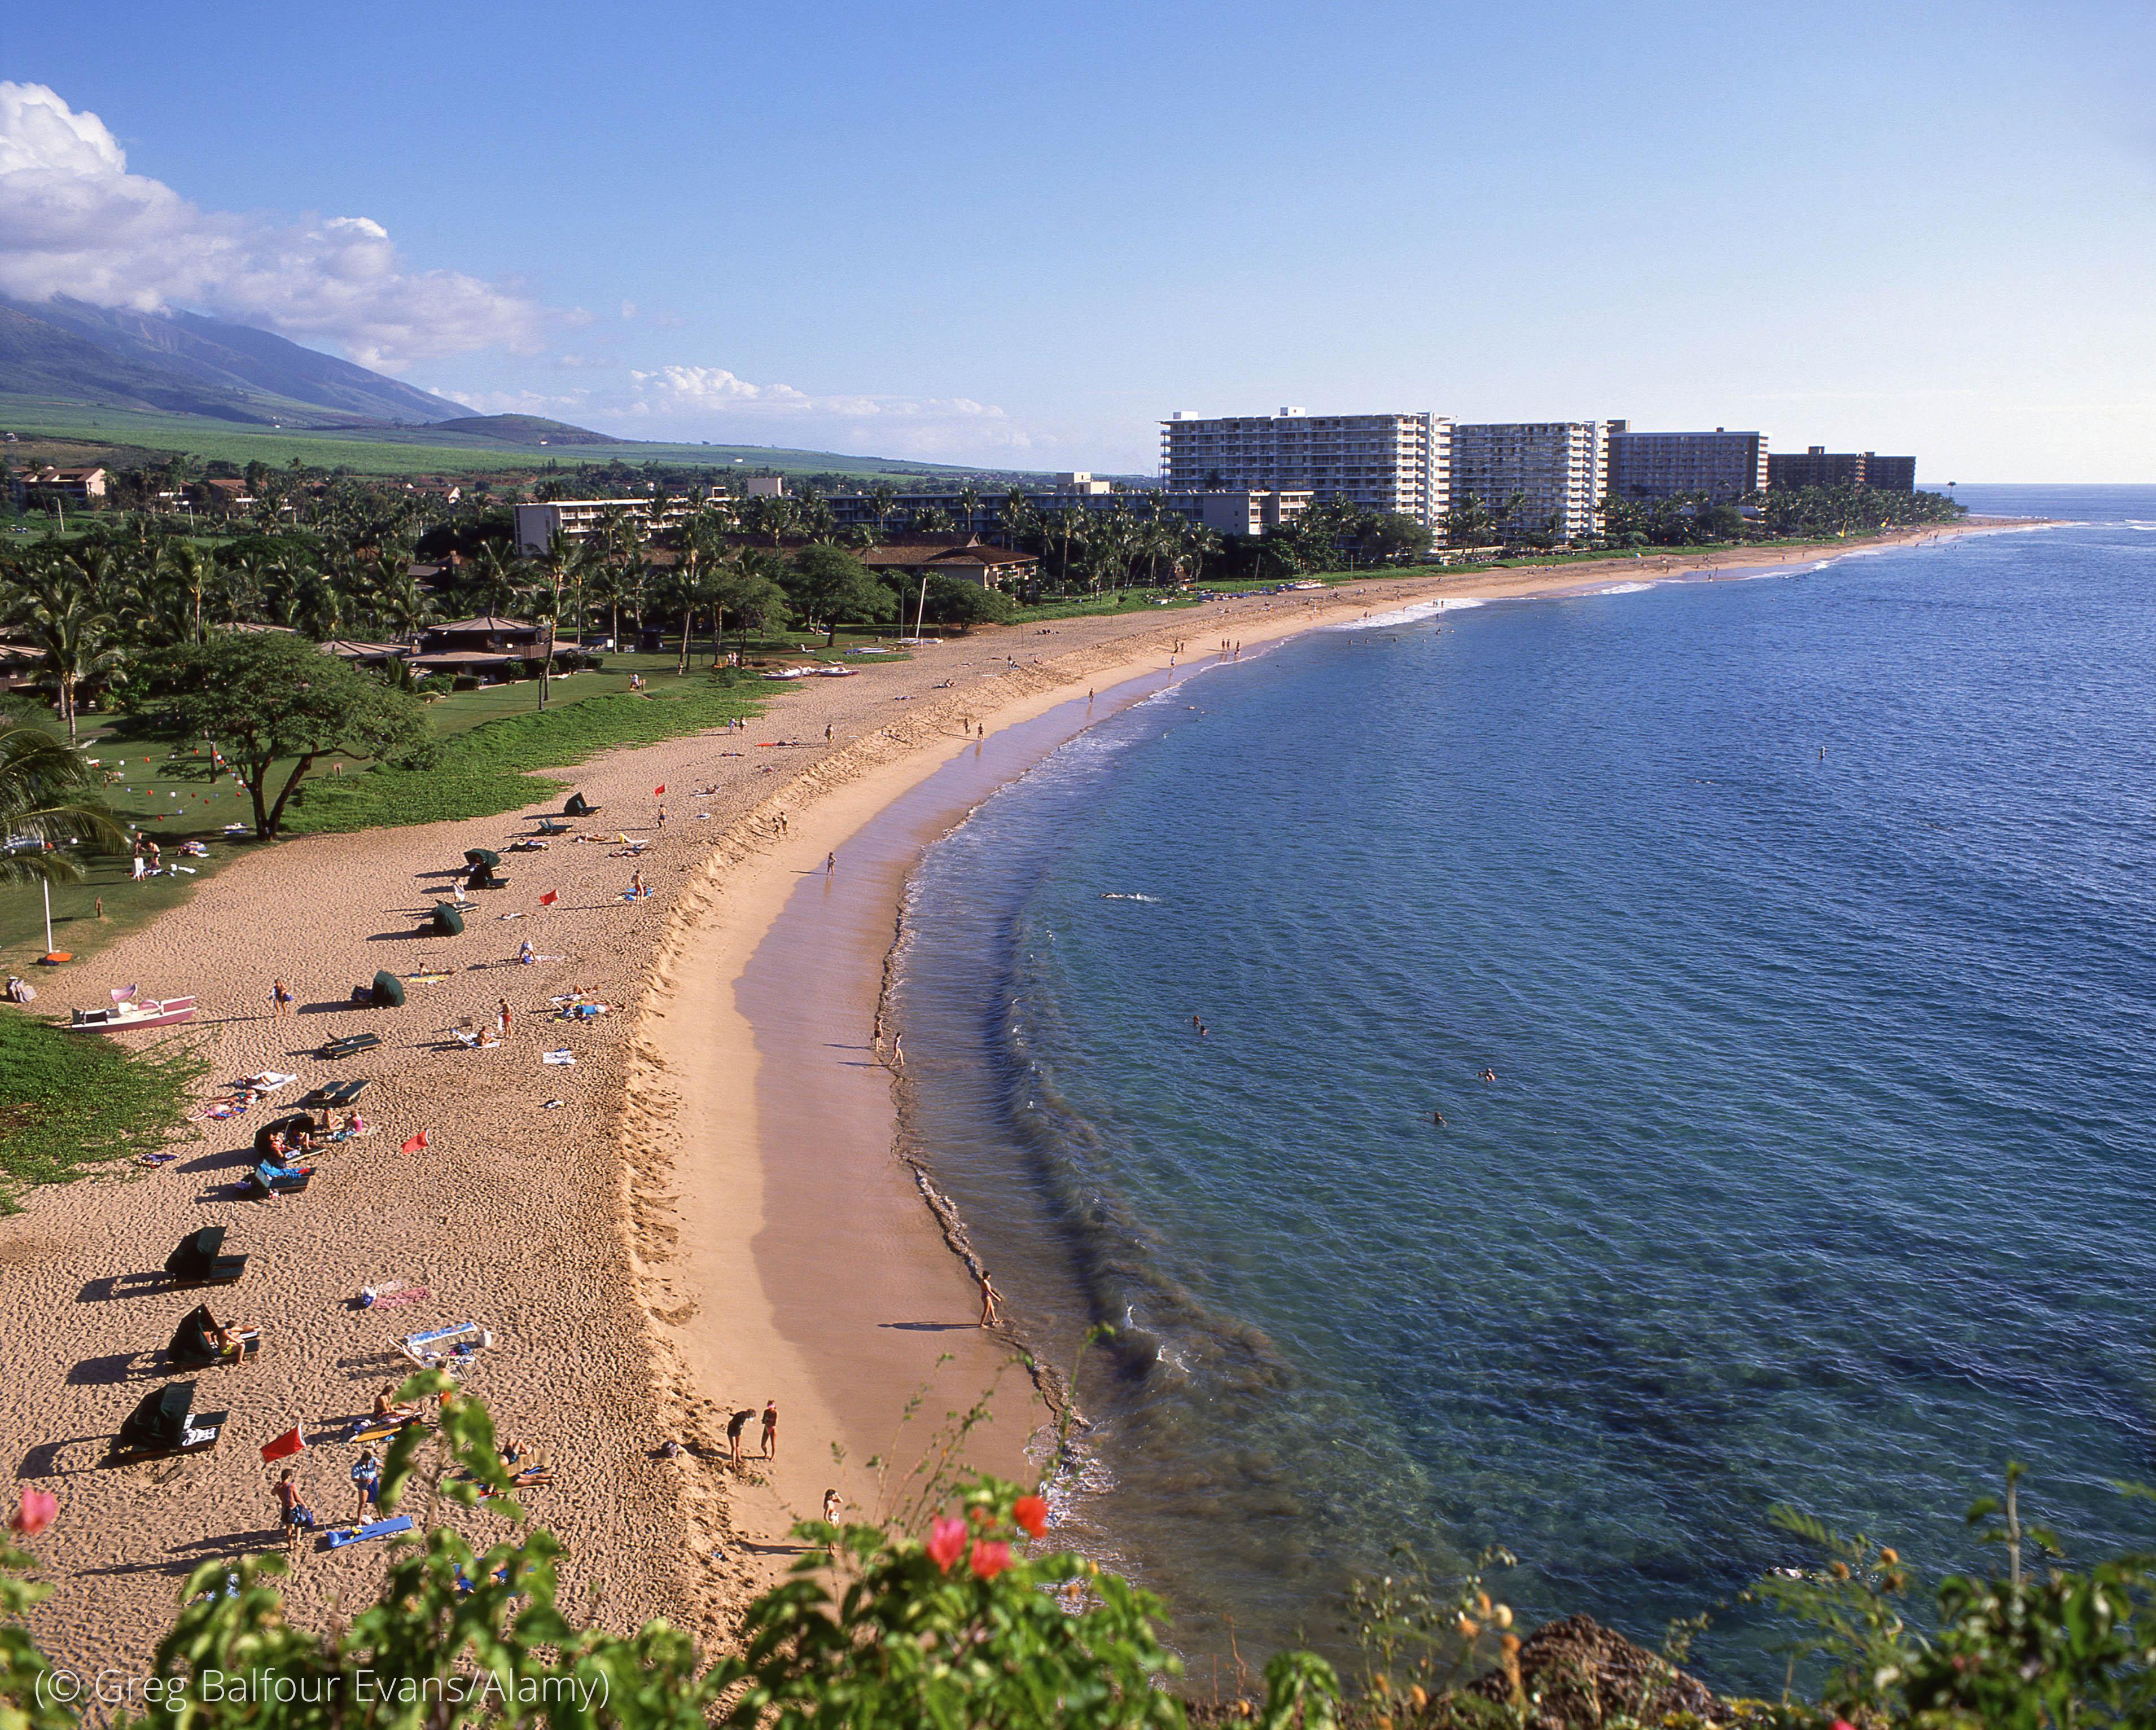 Hawaii, dikenal akan pantainya yang indah, memiliki delapan komunitas Zona Biru. (© Greg Balfour Evans/Alamy)